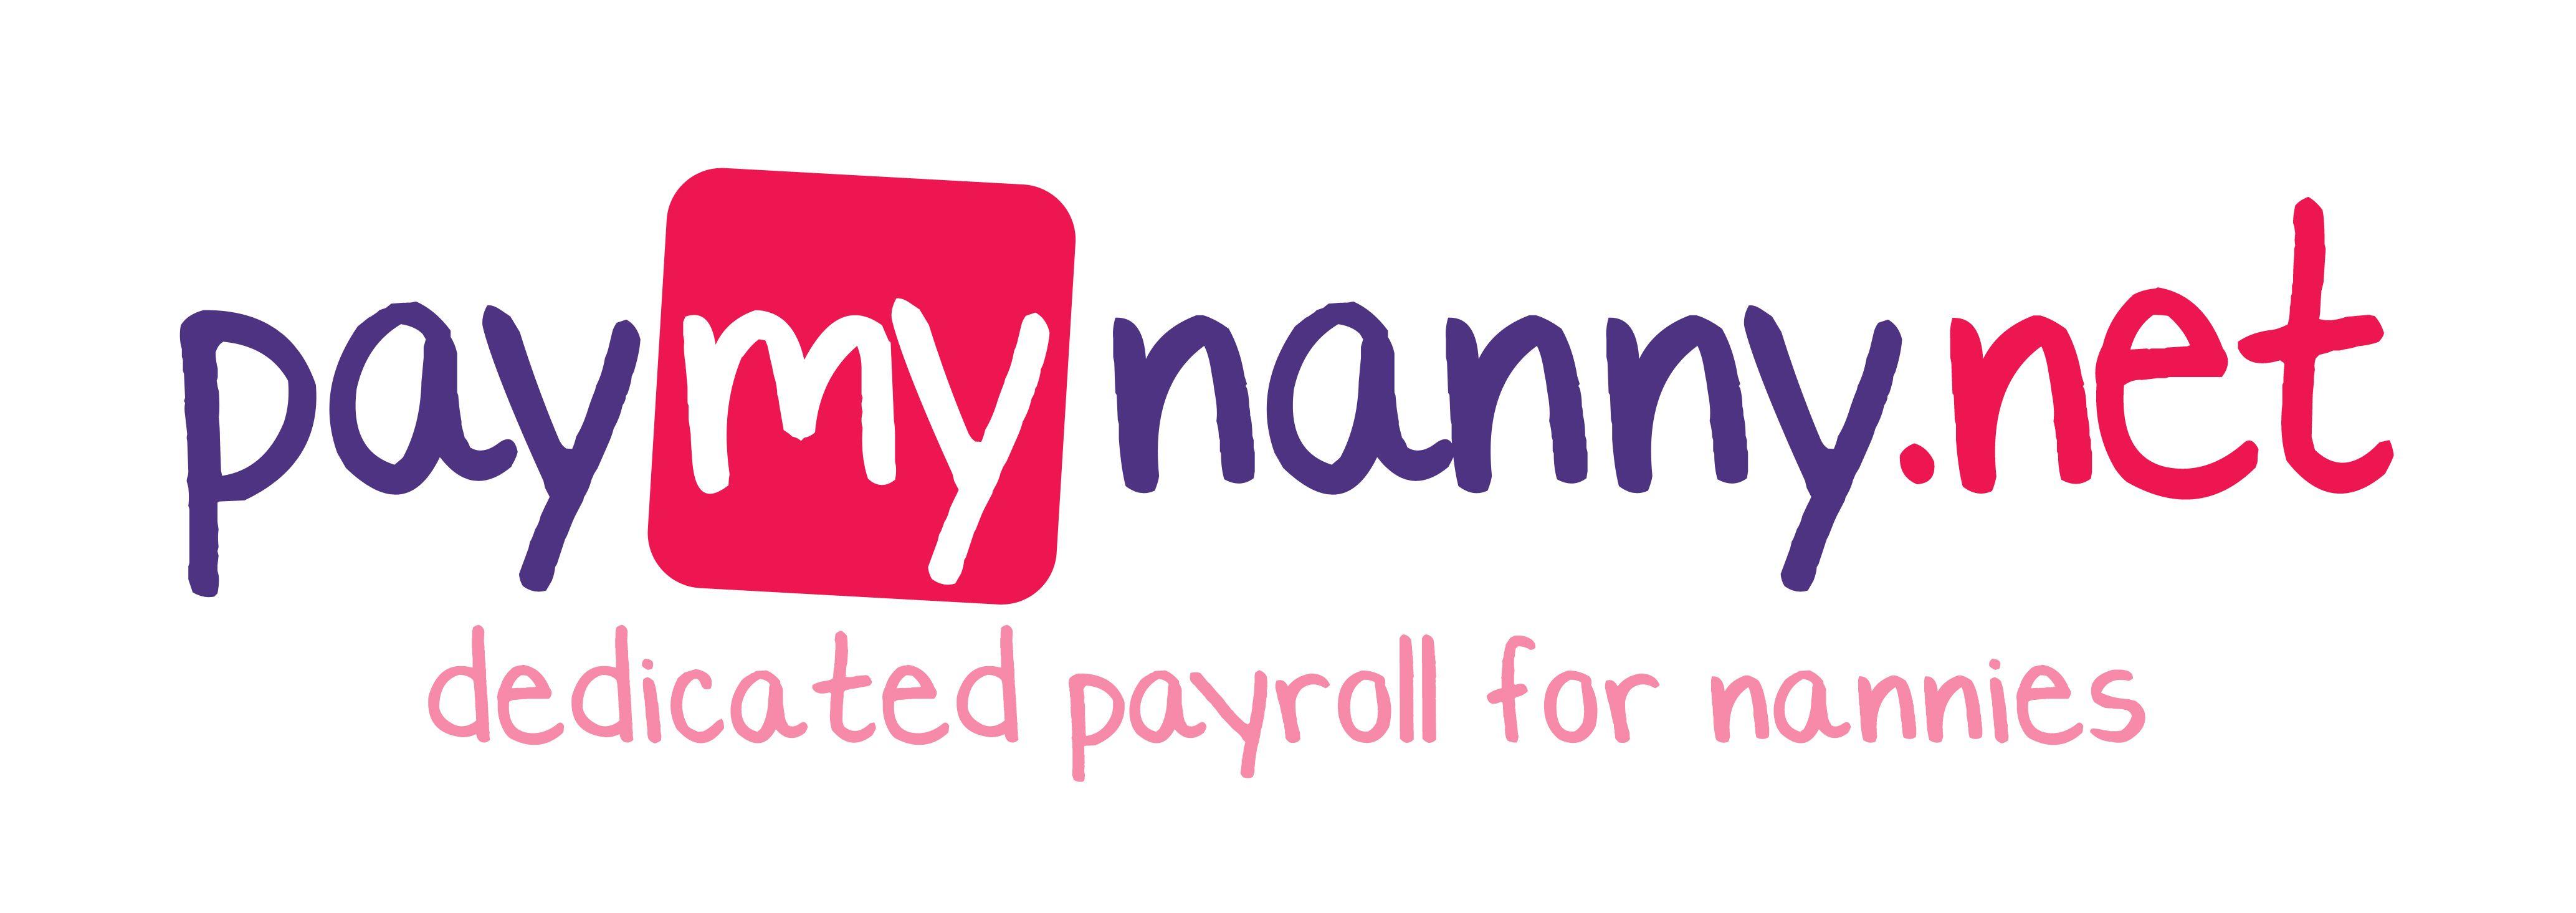 Nanny payroll, Payroll, Dedication